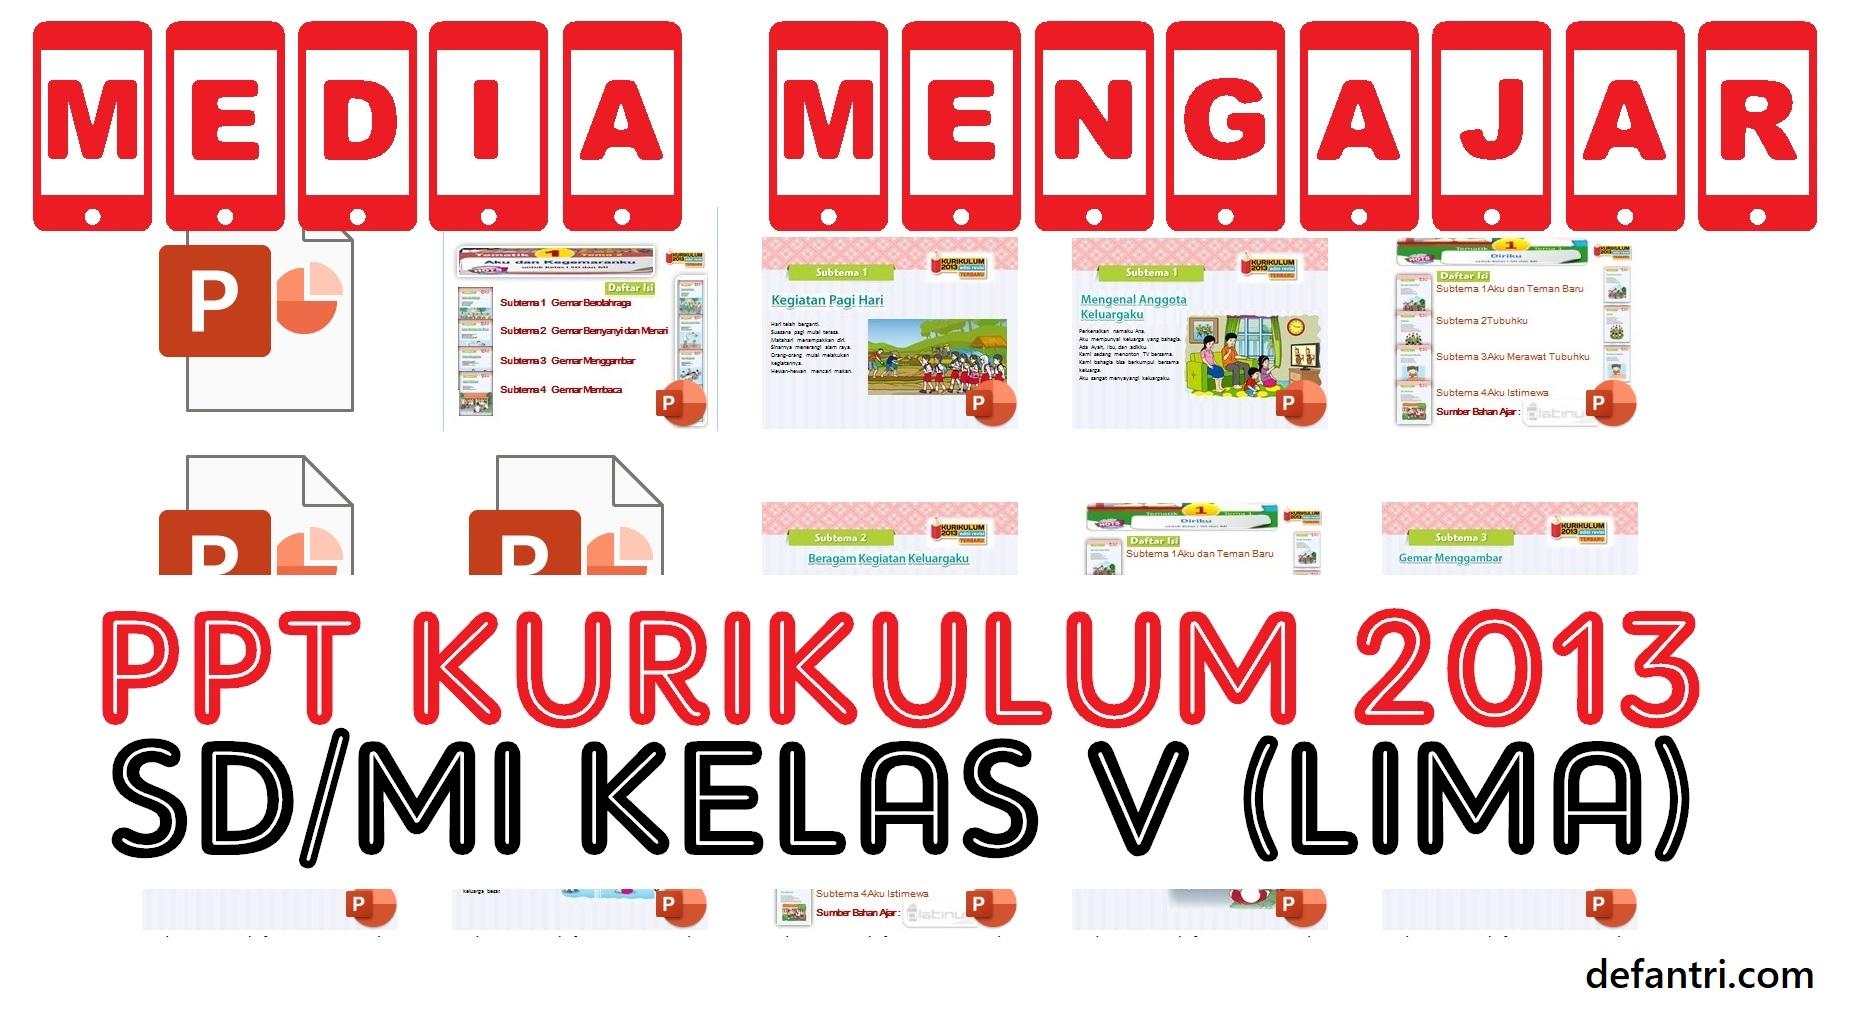 Download Media Pembelajaran PowerPoint Kurikulum 2013 Sekolah Dasar (SD) atau Madrasah Ibtidaiyah (MI) Kelas V (Lima) Semua Tema